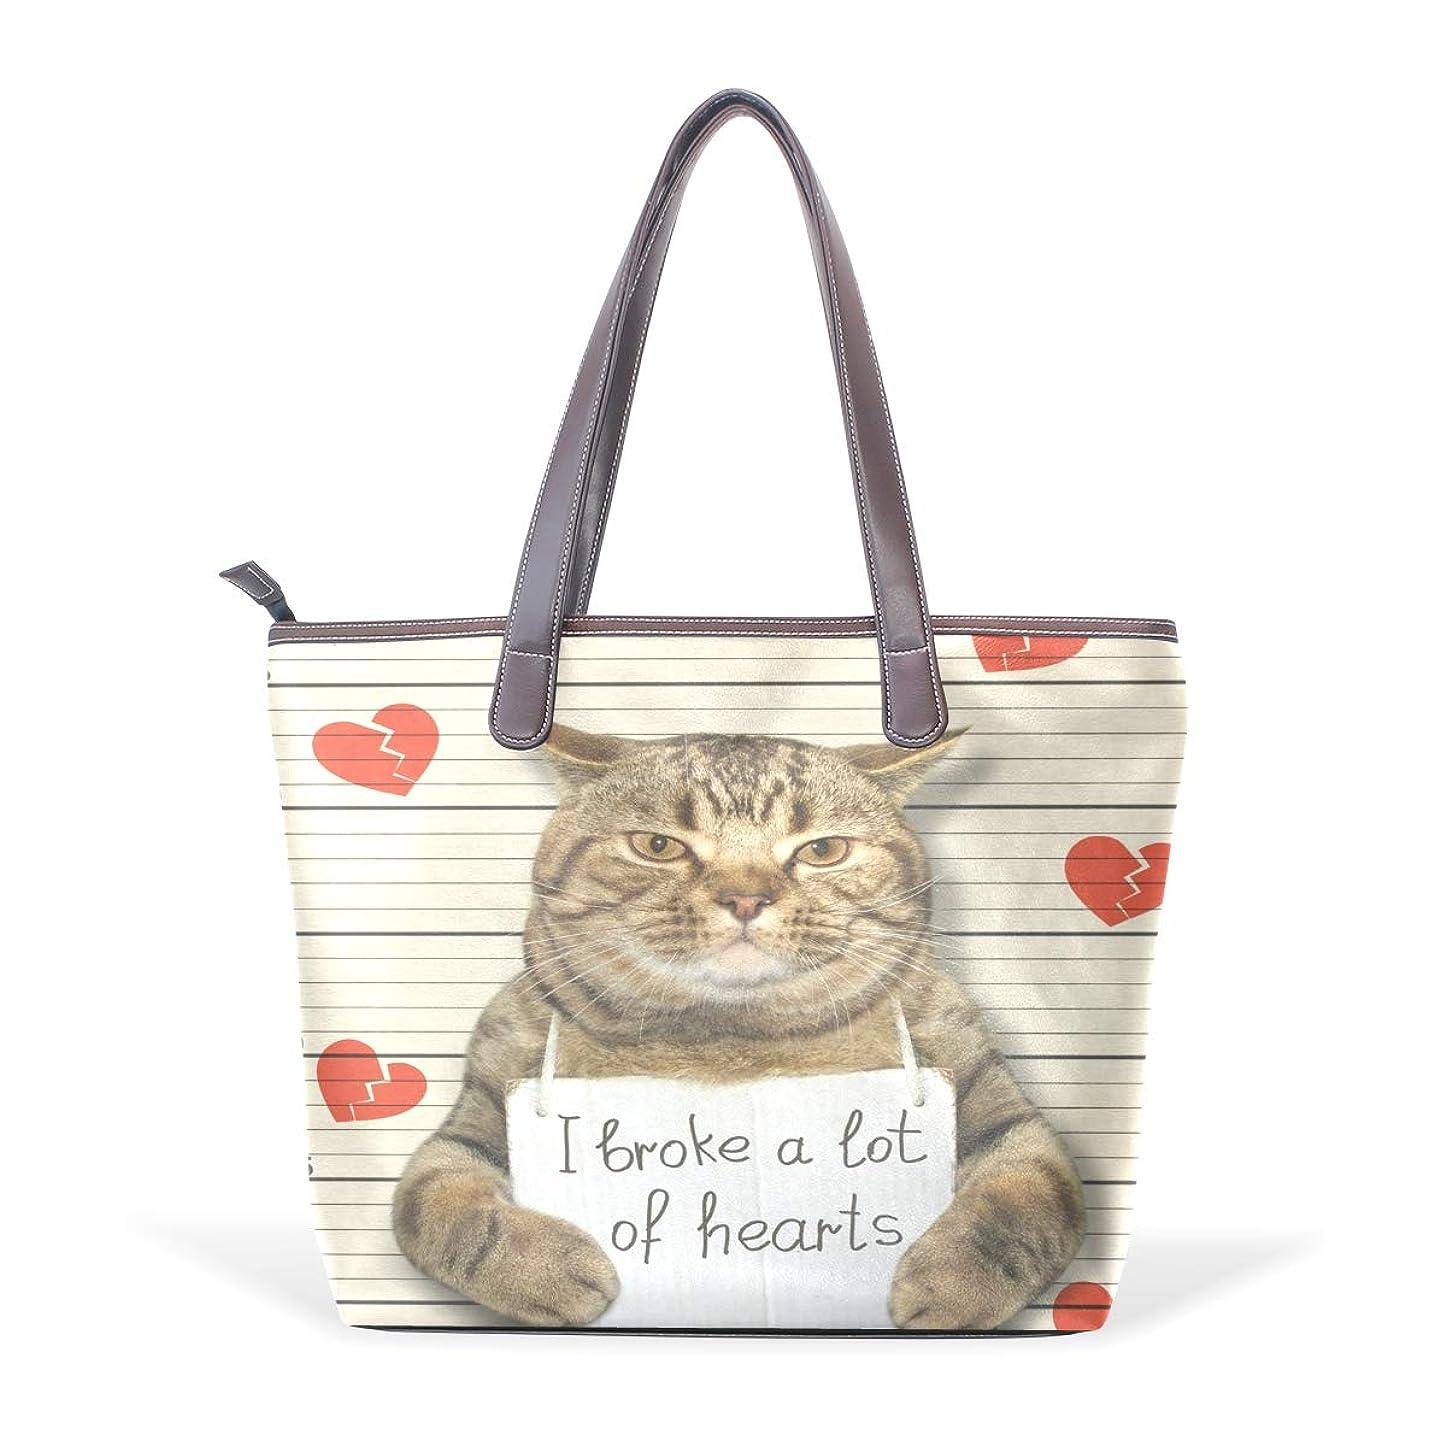 意気込み瞑想ジェスチャーバララ (La Rose) トートバッグ レディース ブランド a4 収納 大容量 通学 かわいい おもしろい ネコ 猫柄 おしゃれ ハンドバッグ PU 革 通勤 丈夫 ファスナー付き ママかばん 手提げバッグ ビジネスバッグ